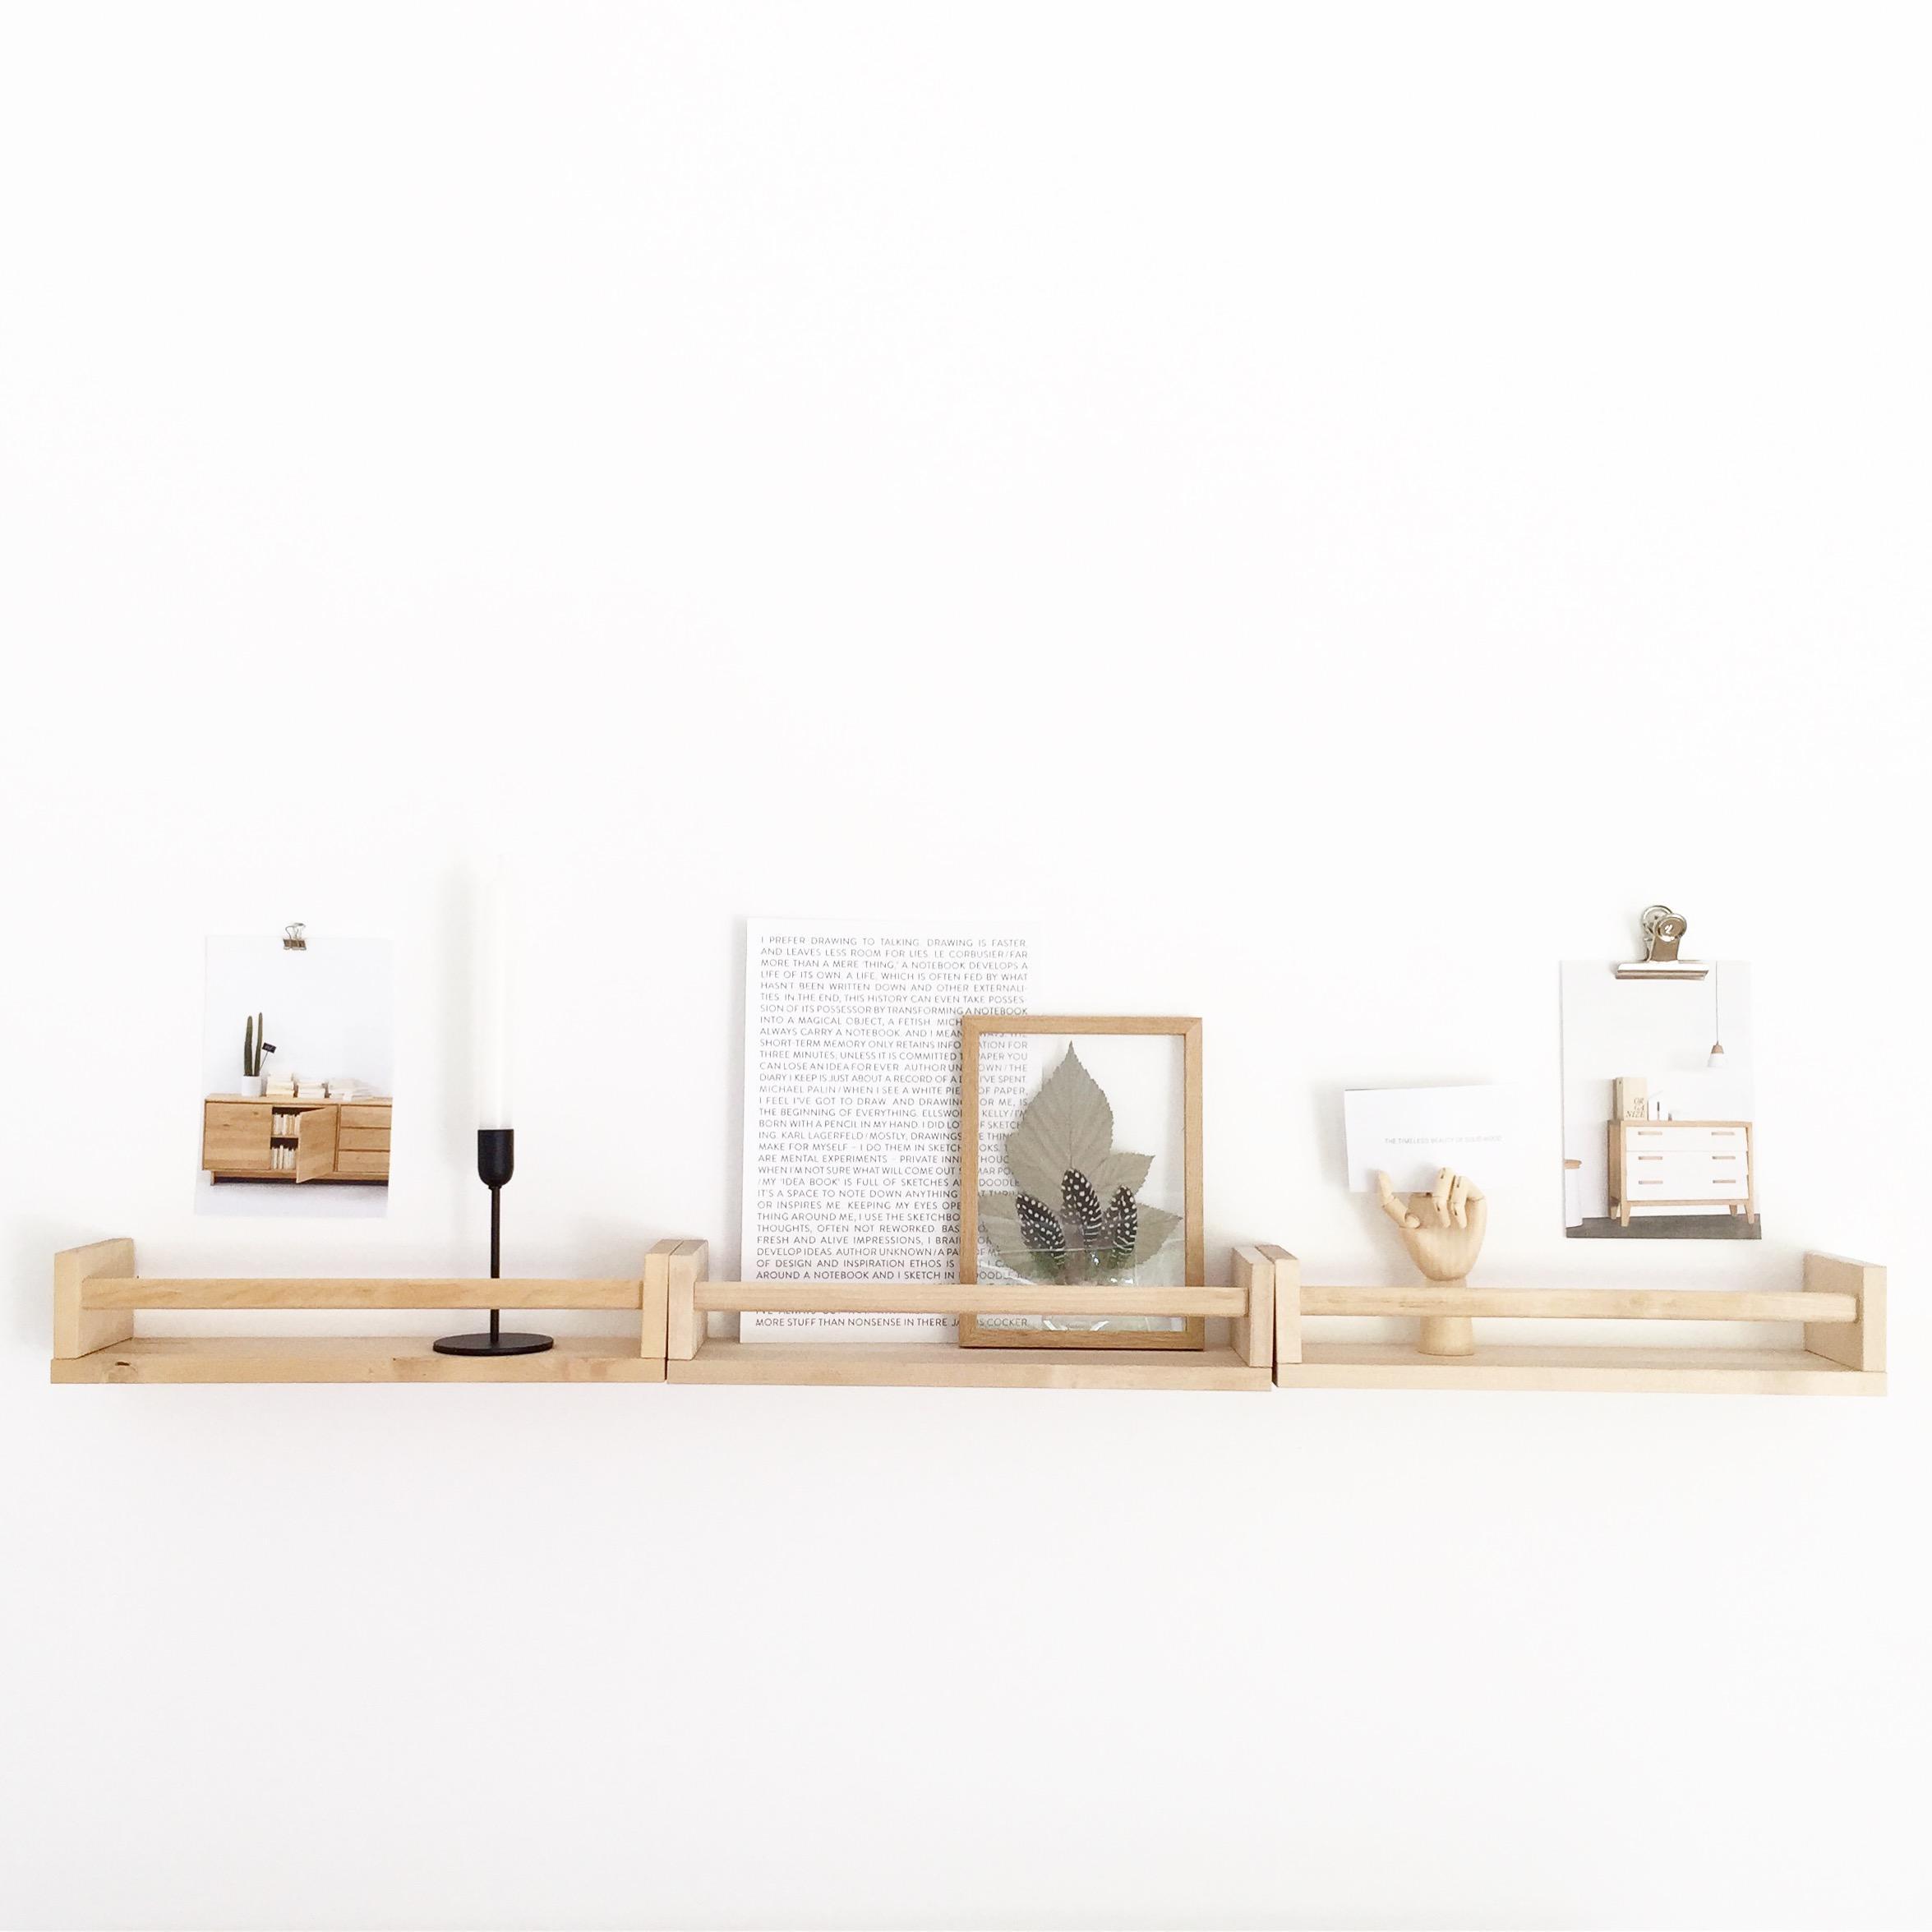 Full Size of Ikea Hängeregal Wandregal Ideen So Schaffst Du Dekorativen Stauraum Betten Bei Küche Kosten Modulküche 160x200 Sofa Mit Schlaffunktion Miniküche Kaufen Wohnzimmer Ikea Hängeregal